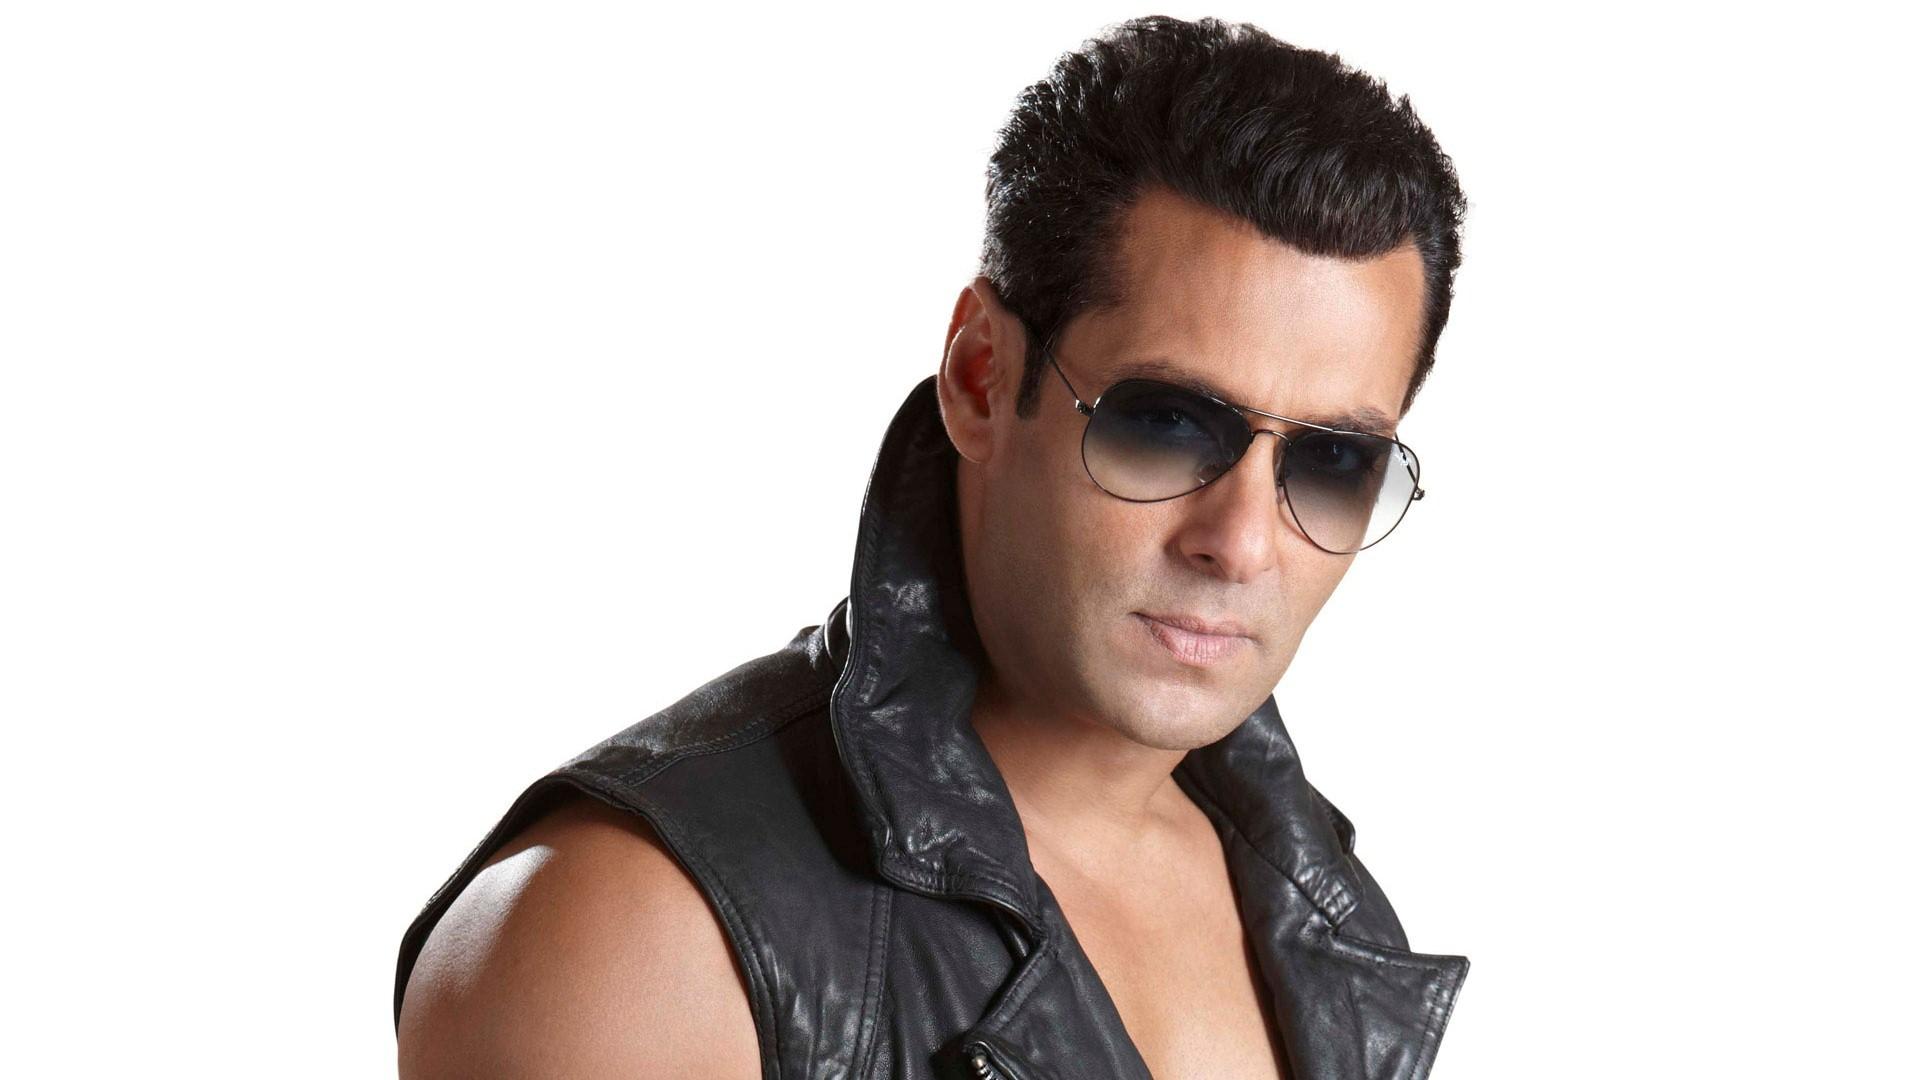 Race 3 Trailer Launch Salman Khan Breaks Silence On Blackbuck